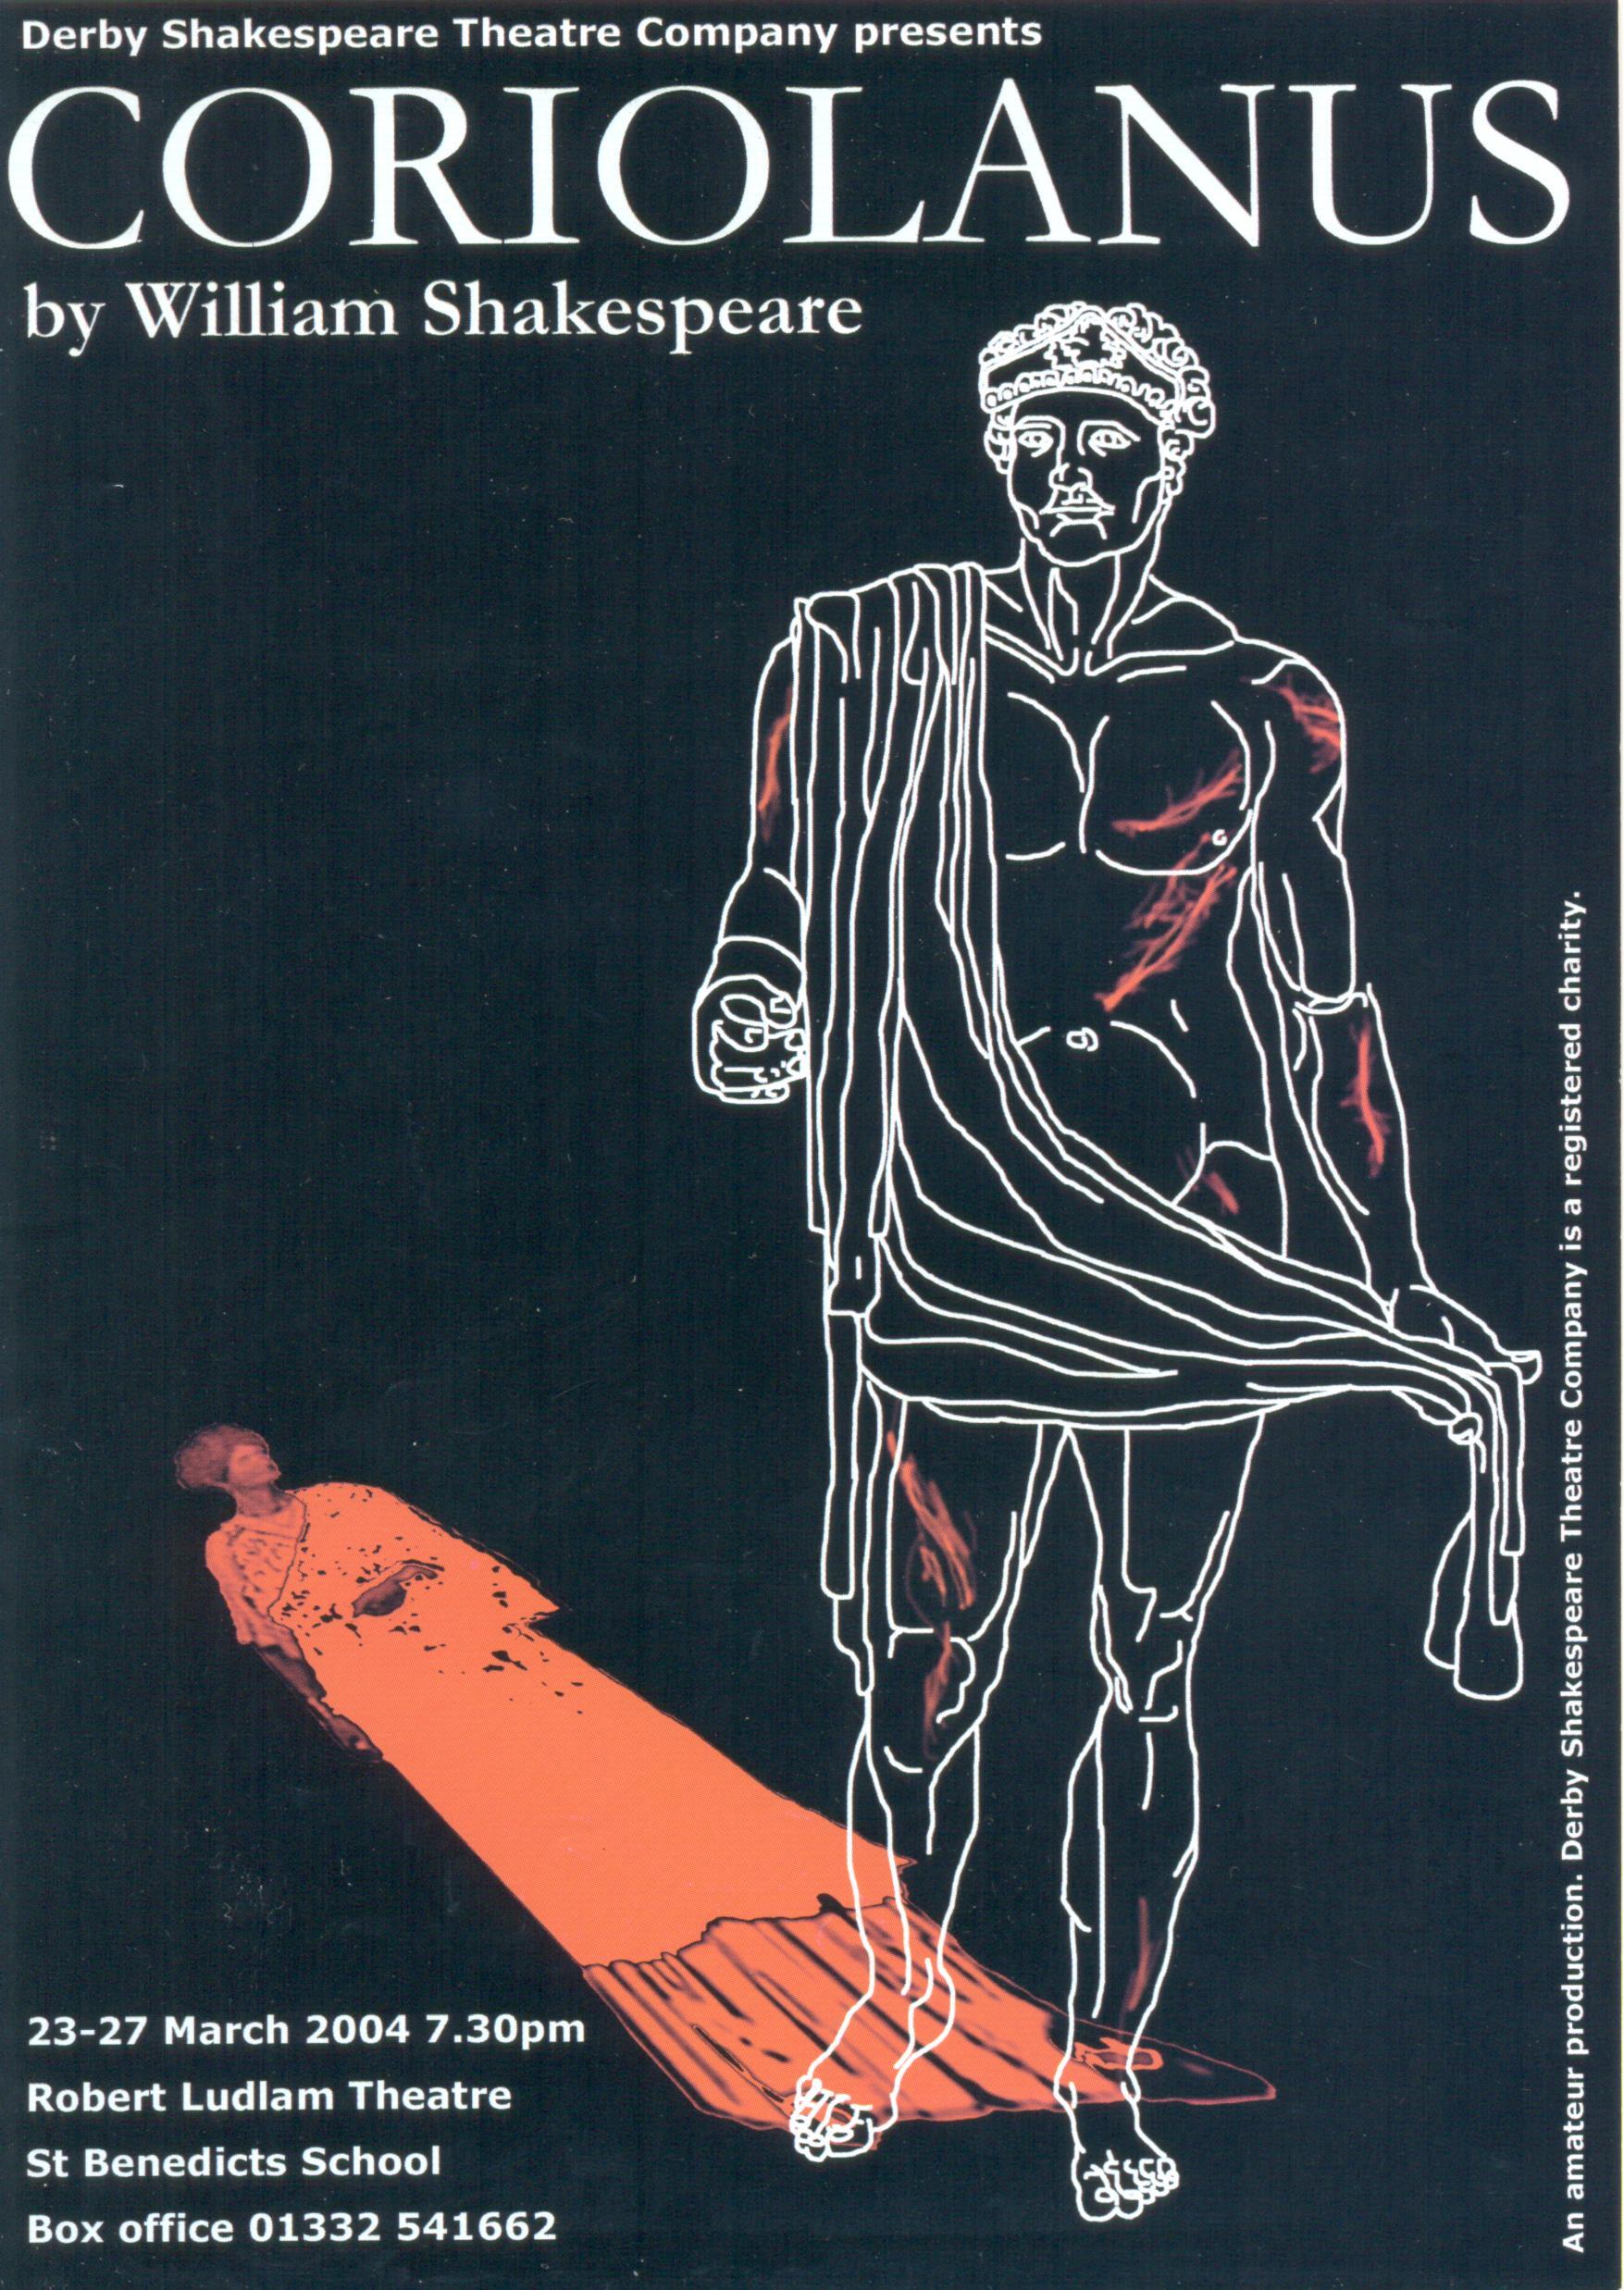 'Coriolanus' 2004